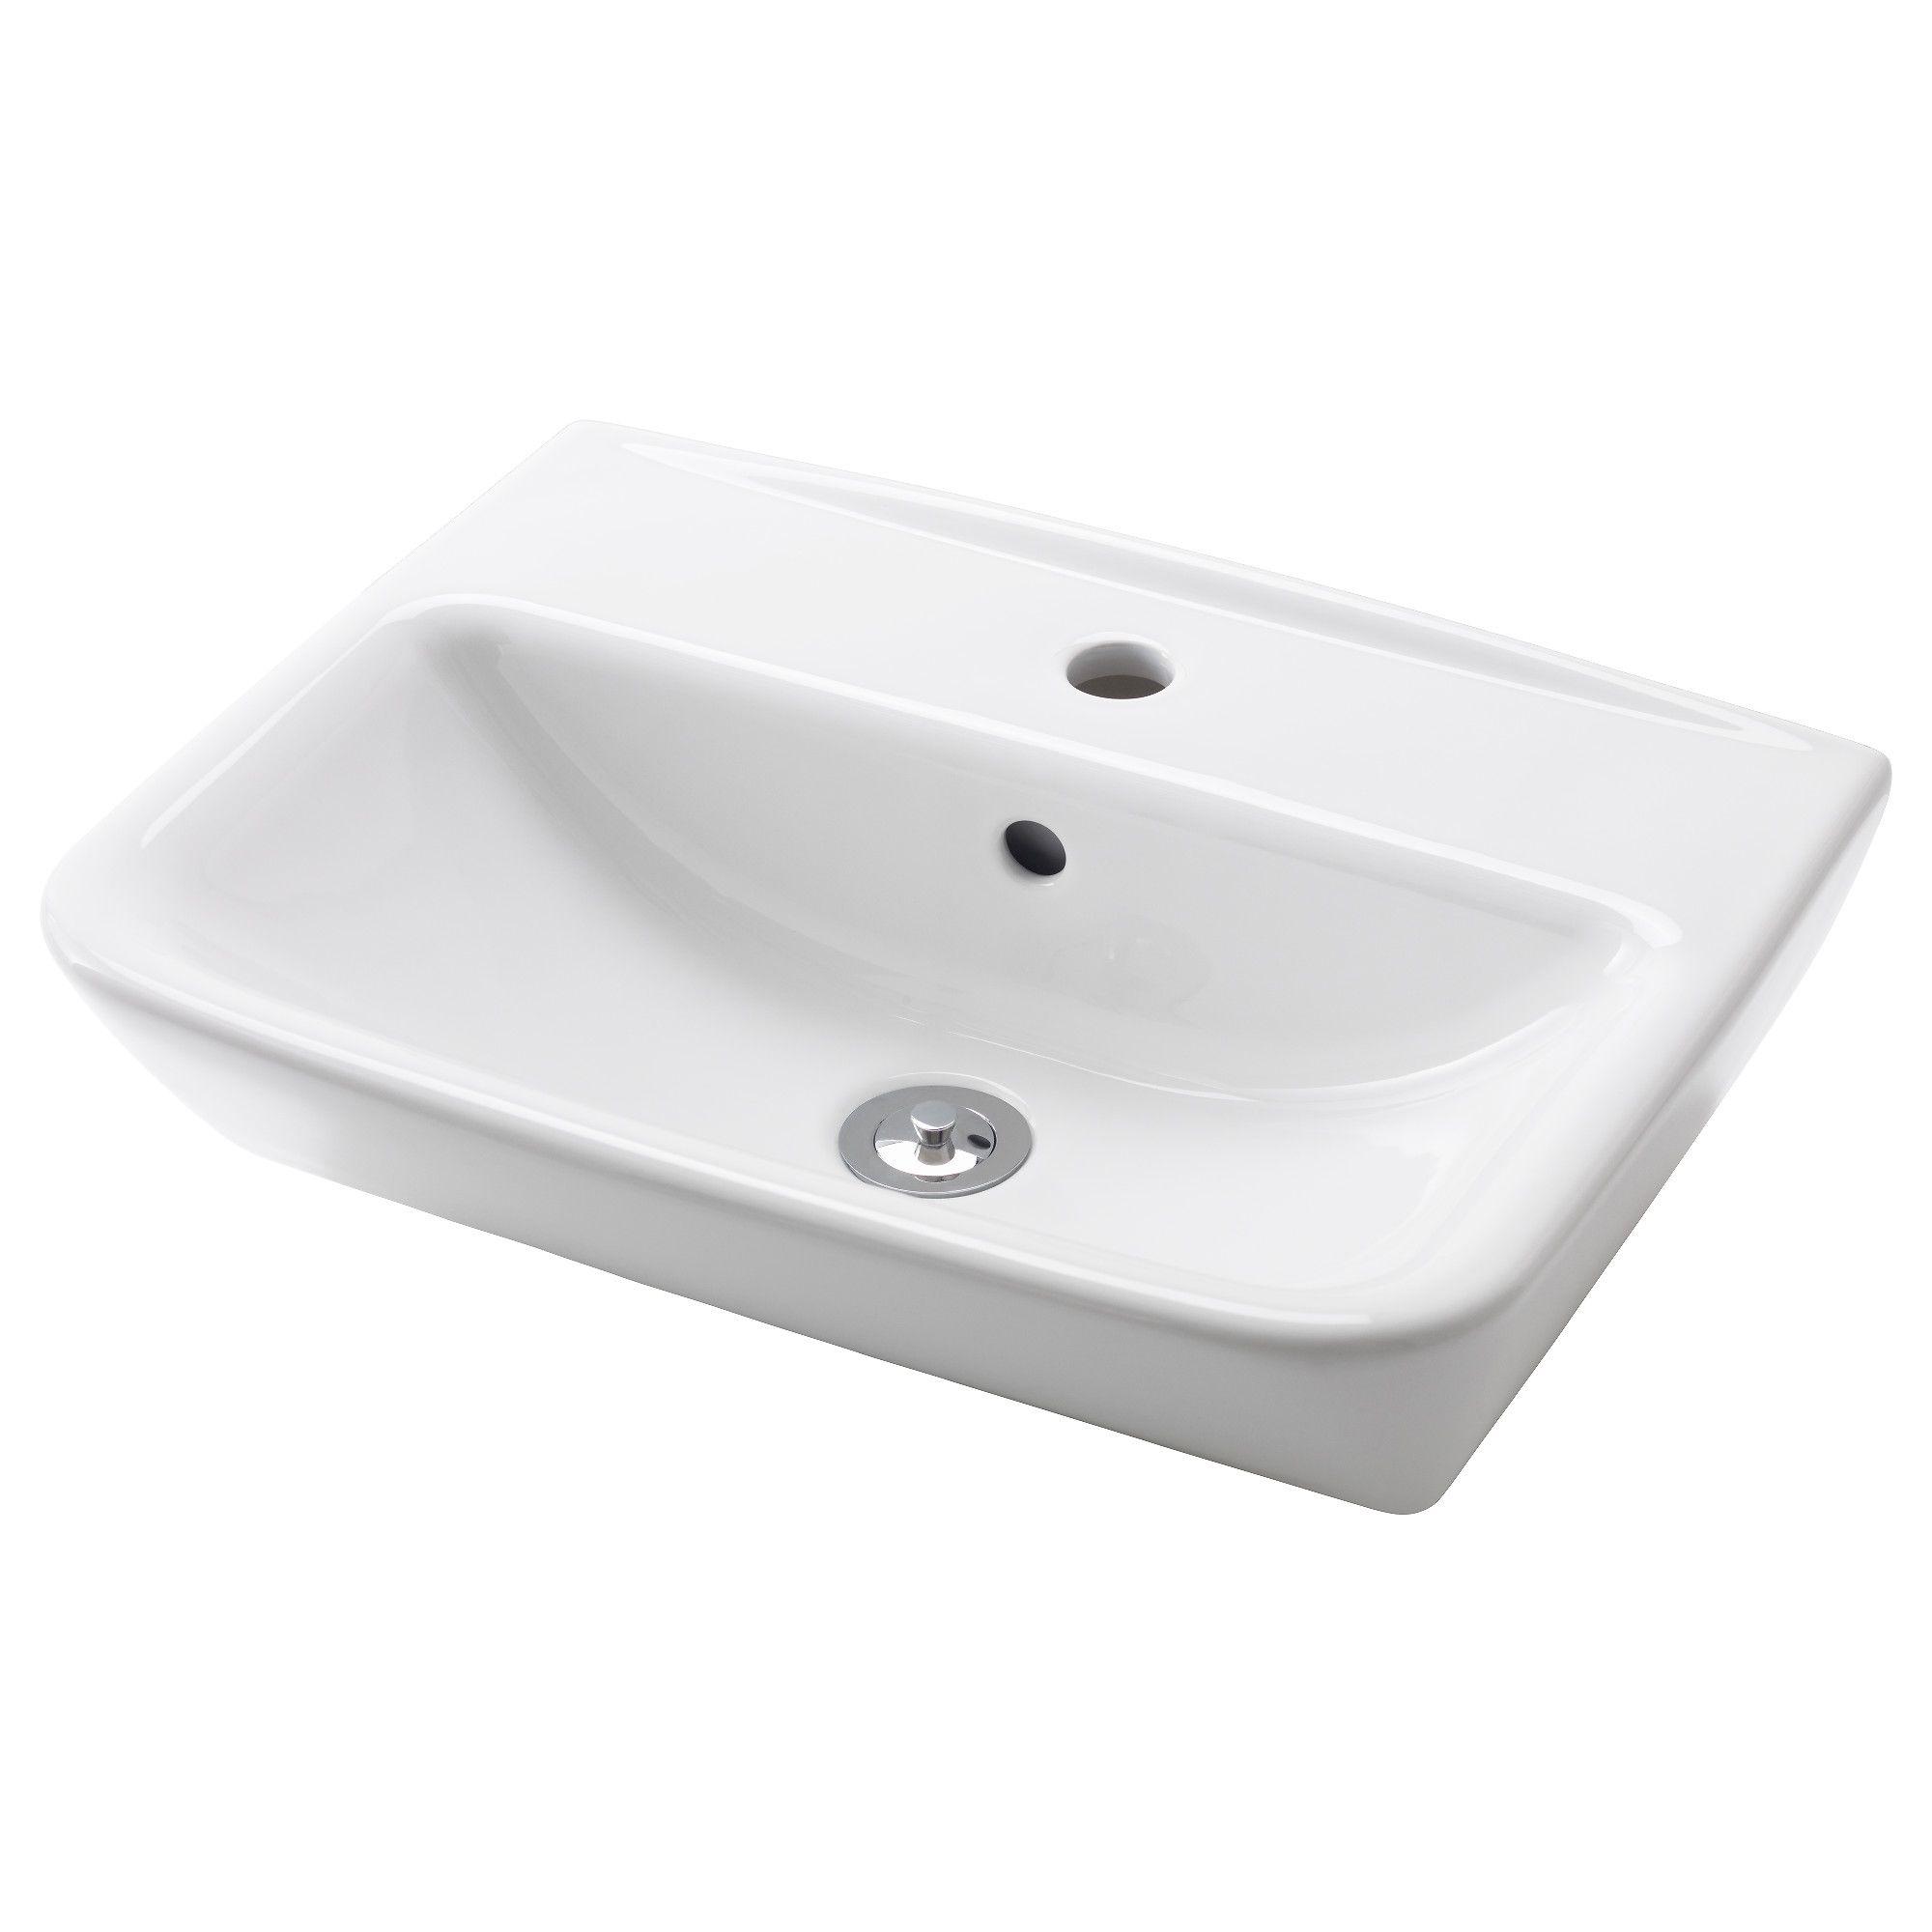 TYNGEN Sink white